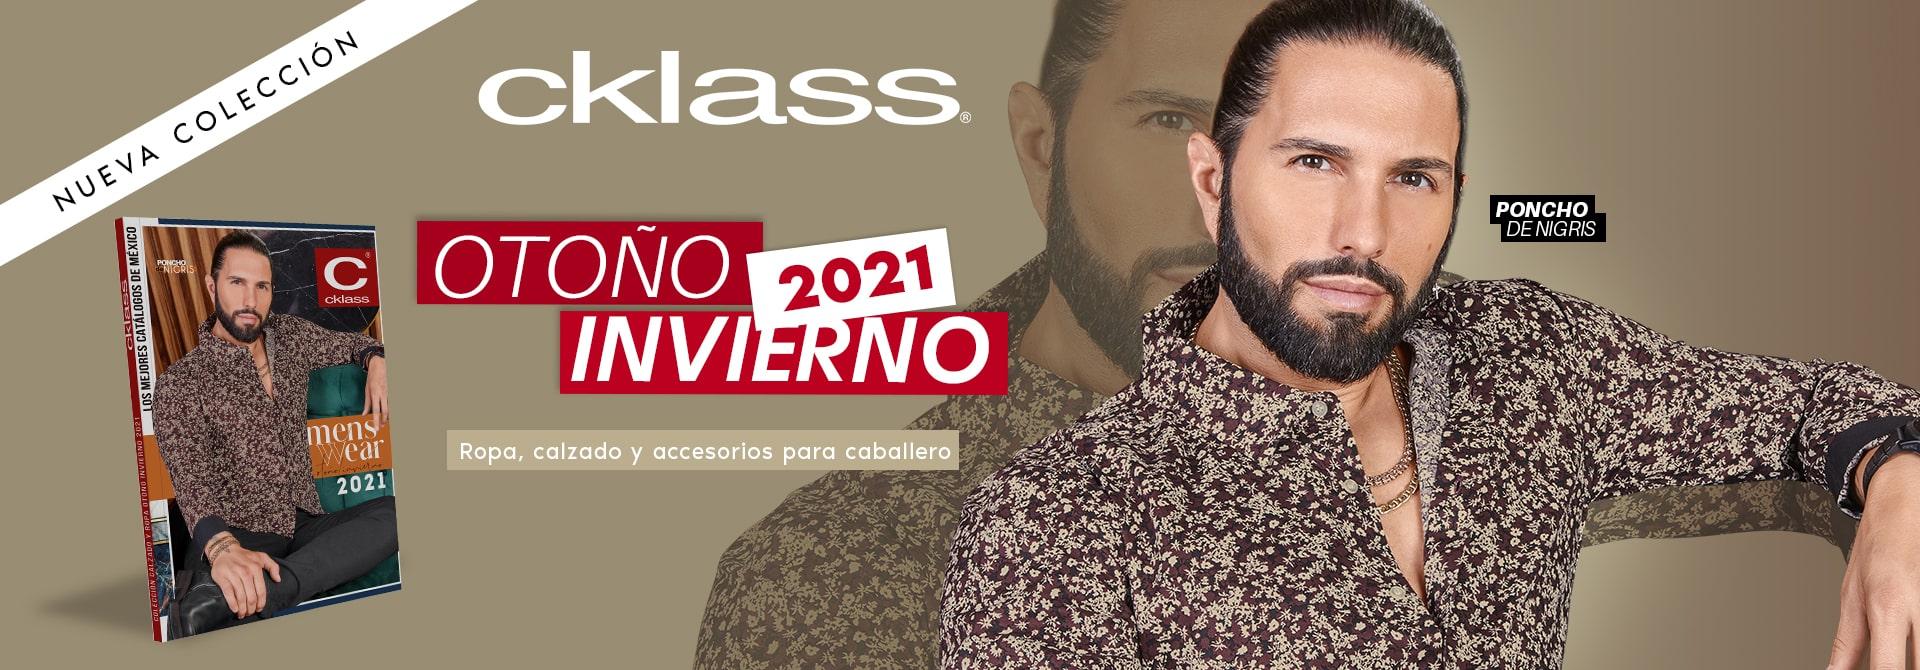 Cklass 2021 - 2022